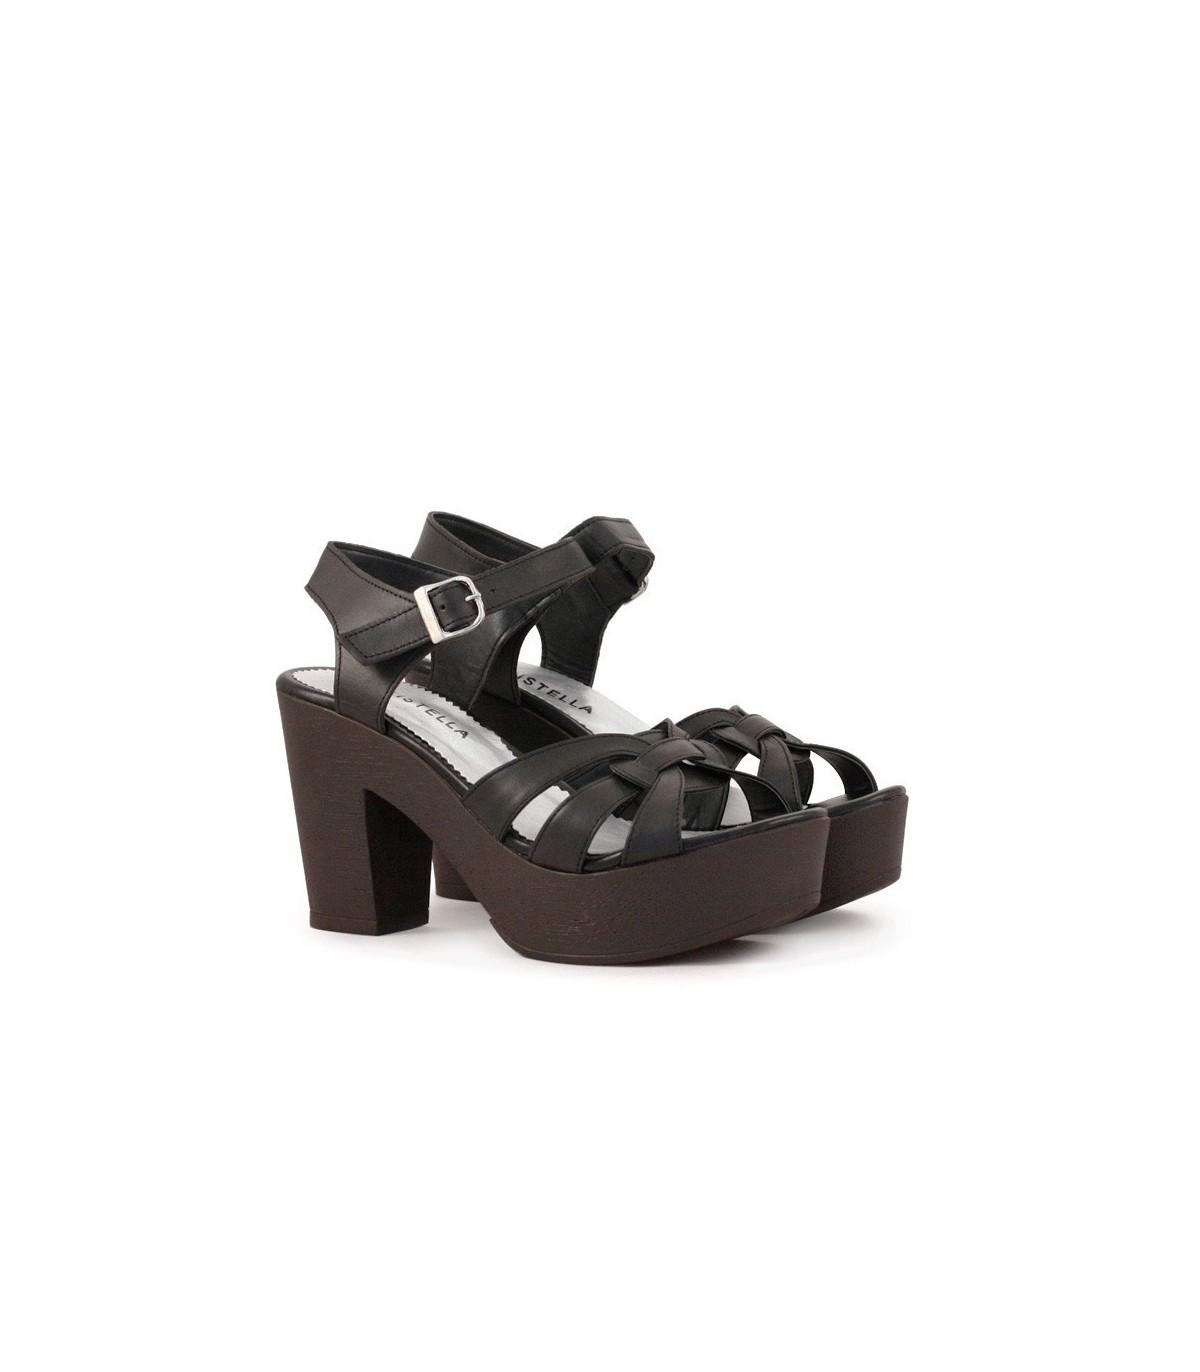 fd16b21d3 Sandalias de cuero negro con taco y plataforma en Batistella.com.ar